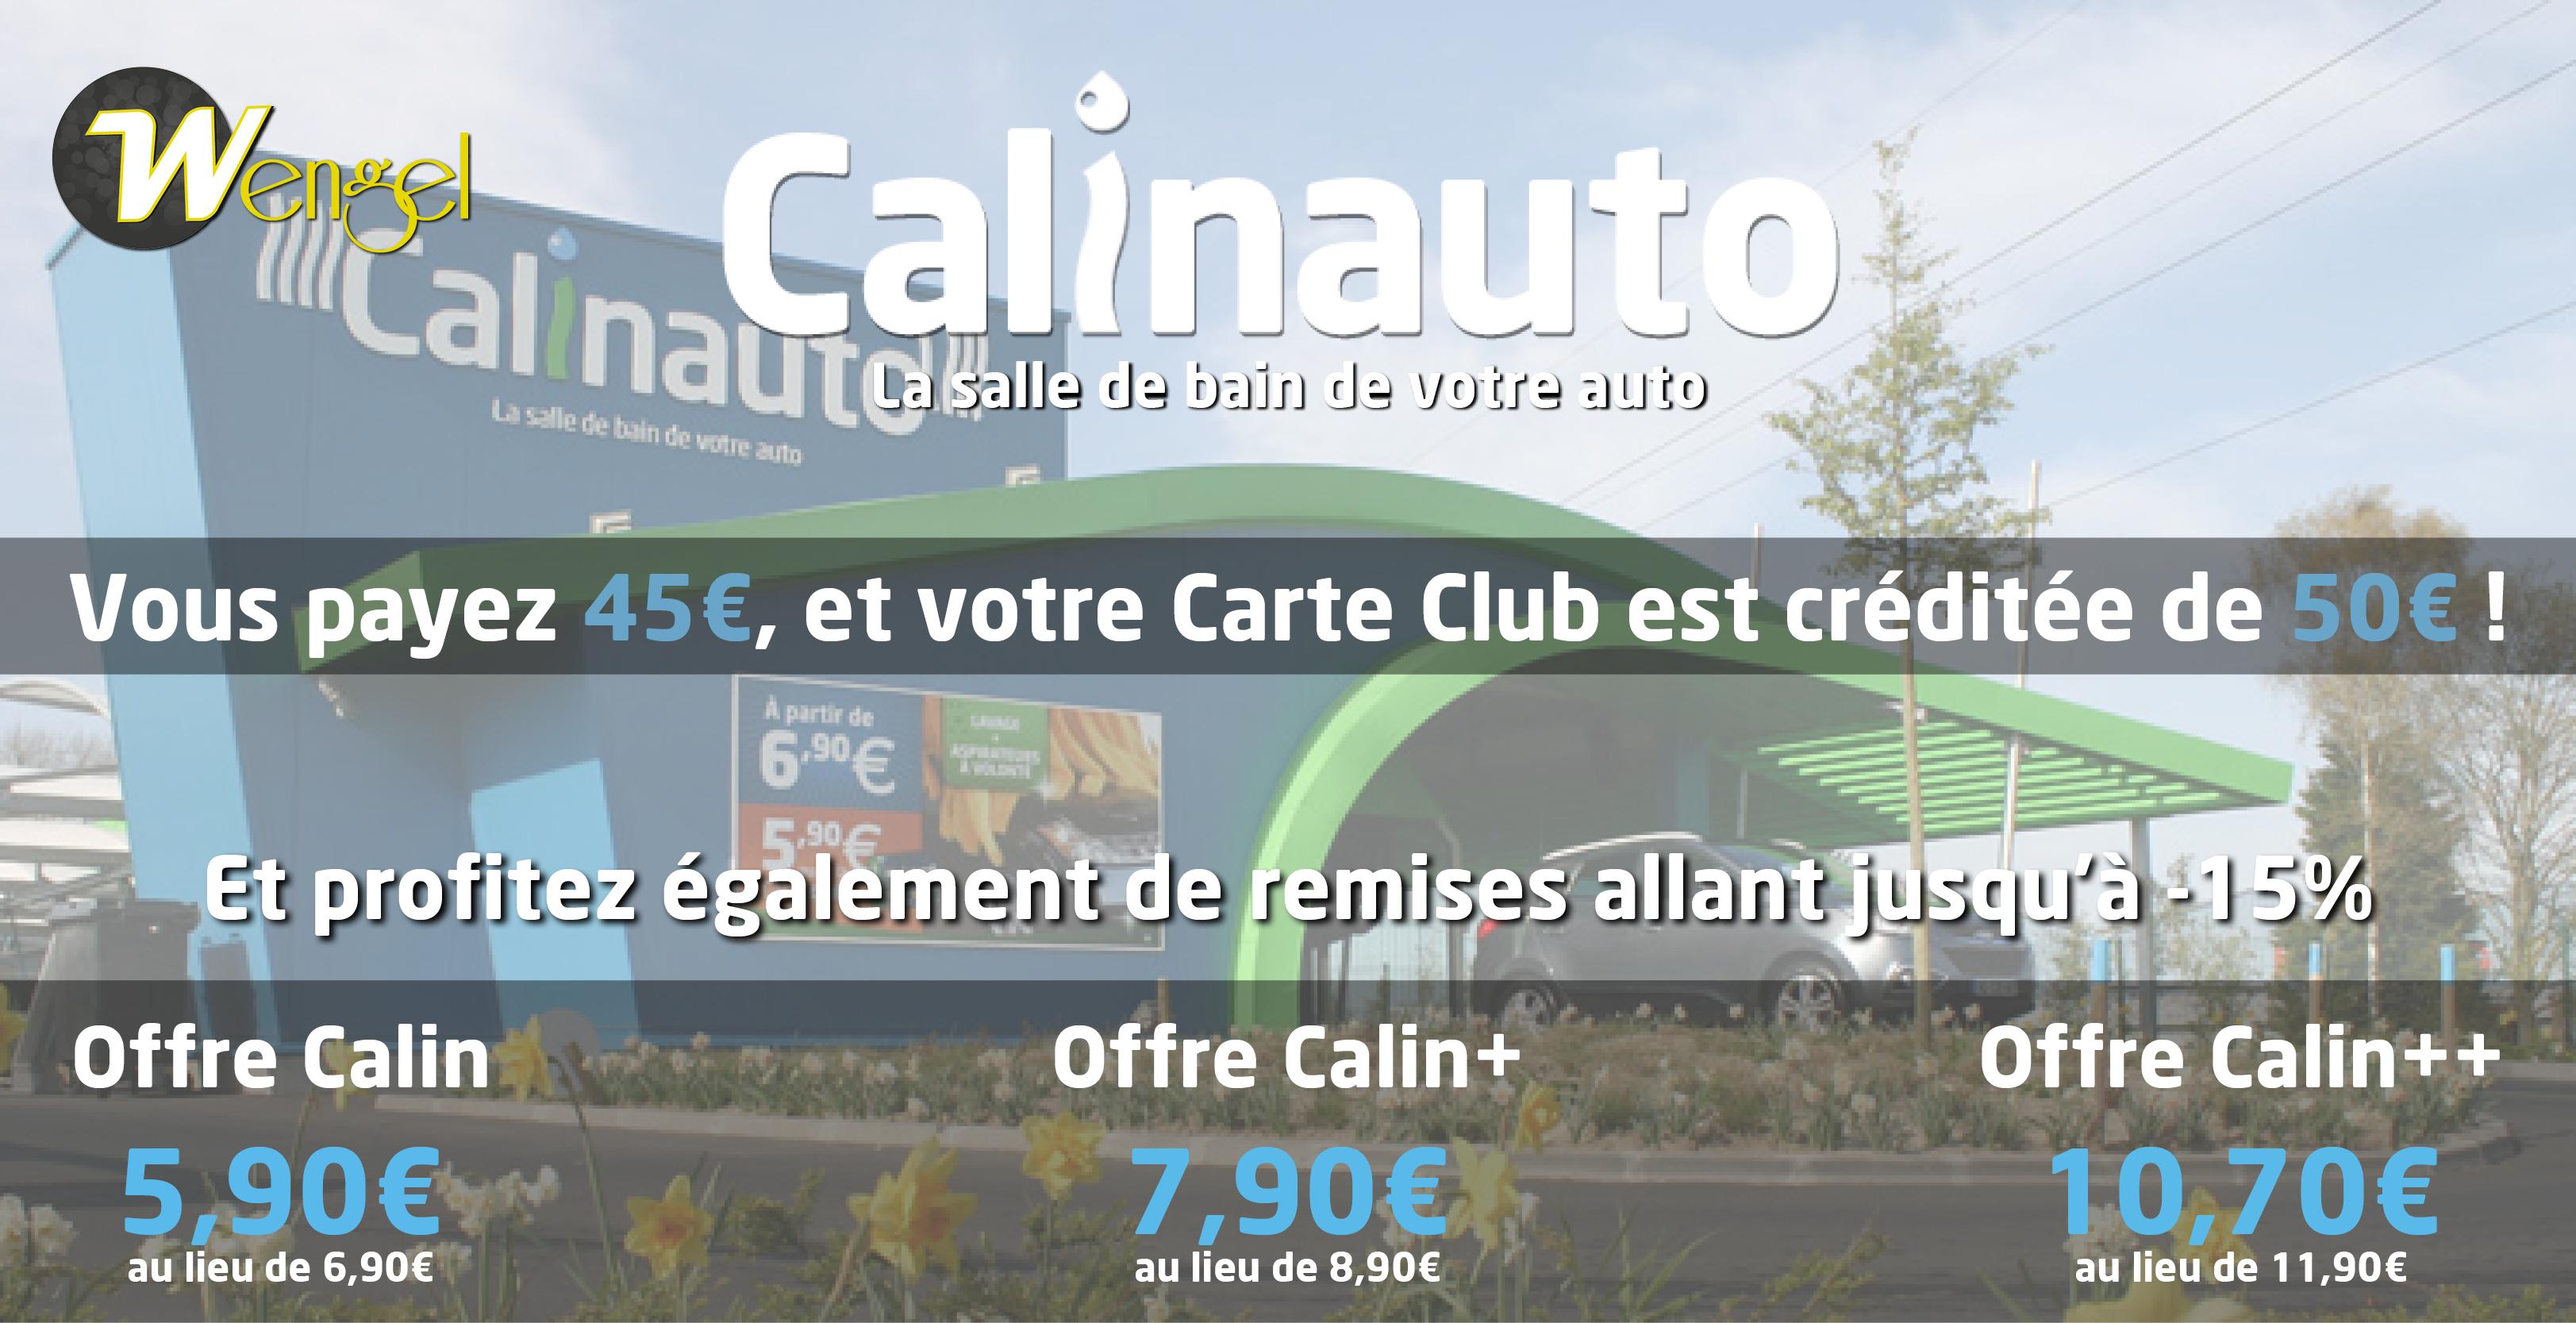 Calinauto